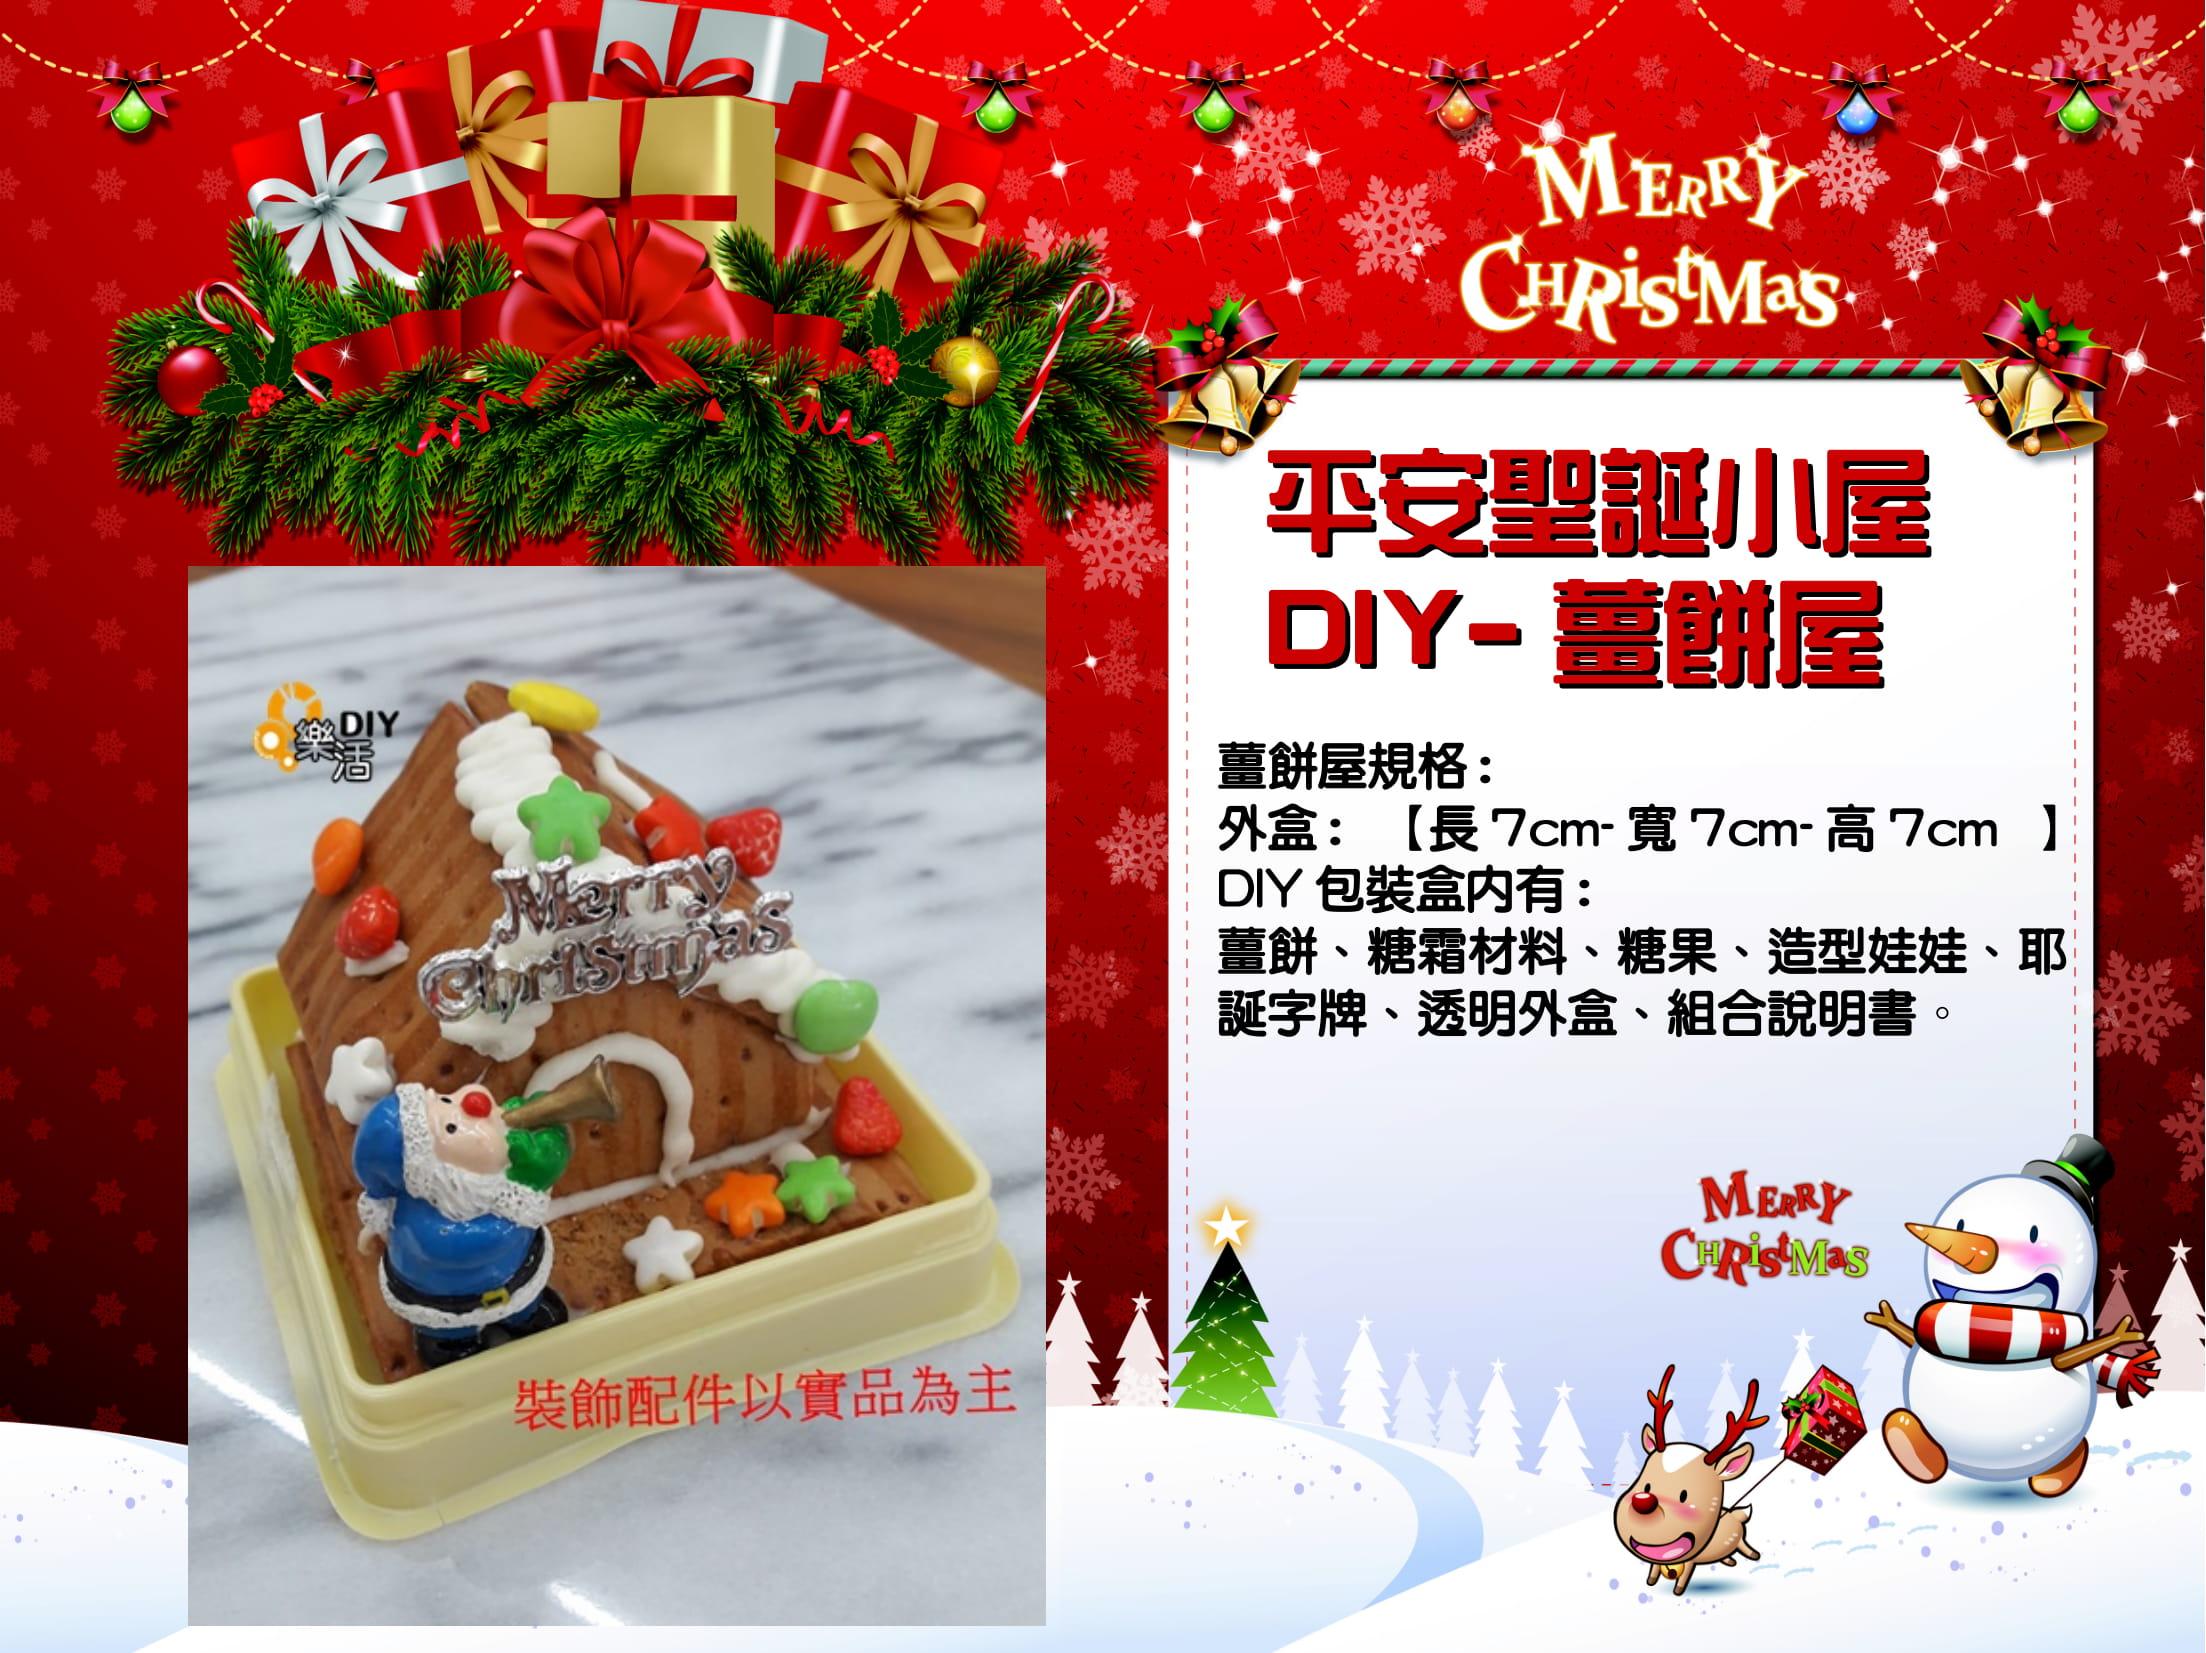 3.平安聖誕小屋DIY-薑餅屋